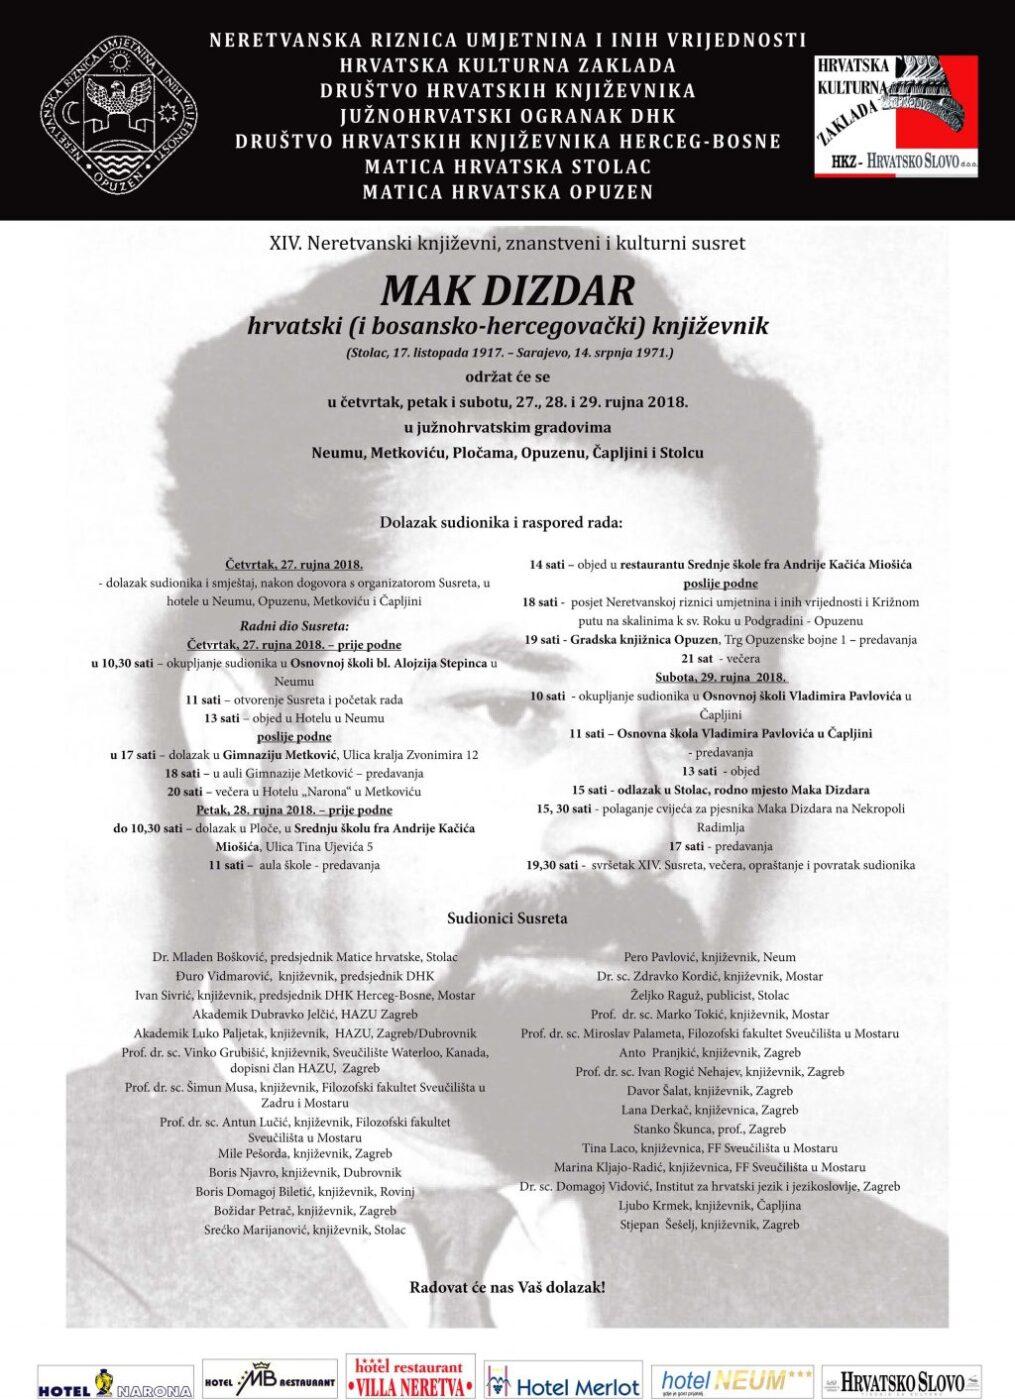 Plakat-Susret-Mak-Dizdar-2018-1024x1413